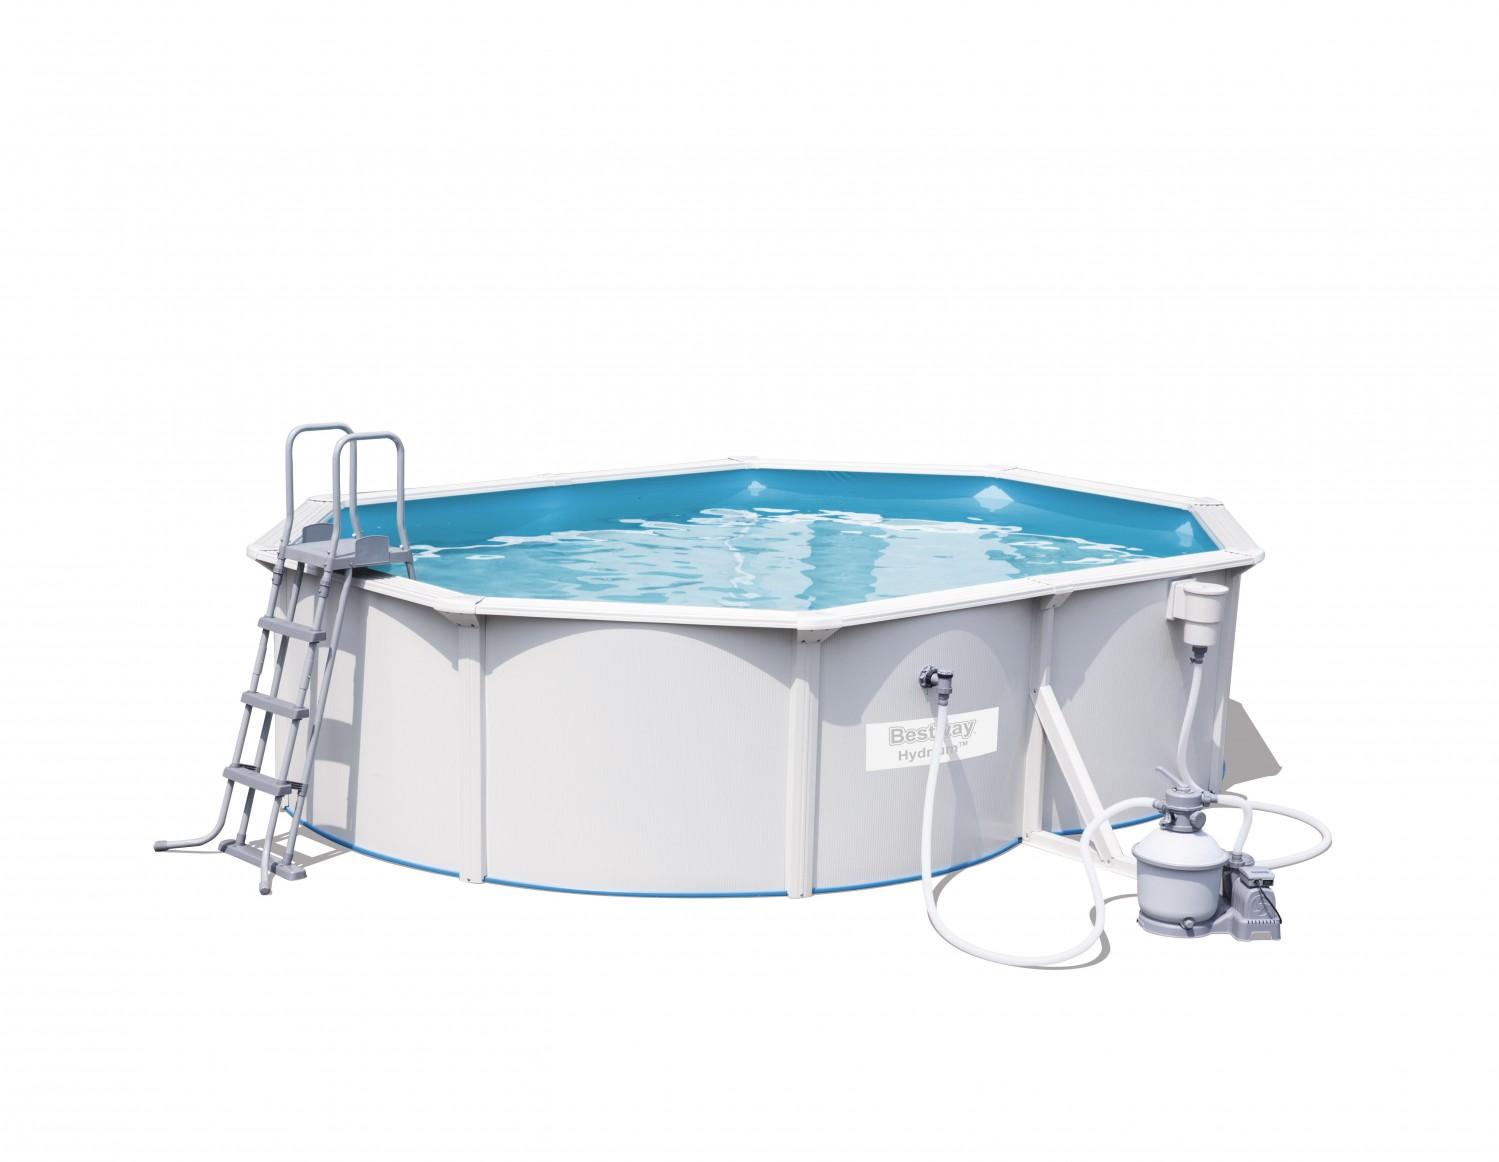 bestway swimming pool oval 500 x 360 x 120 cm online shop gonser. Black Bedroom Furniture Sets. Home Design Ideas